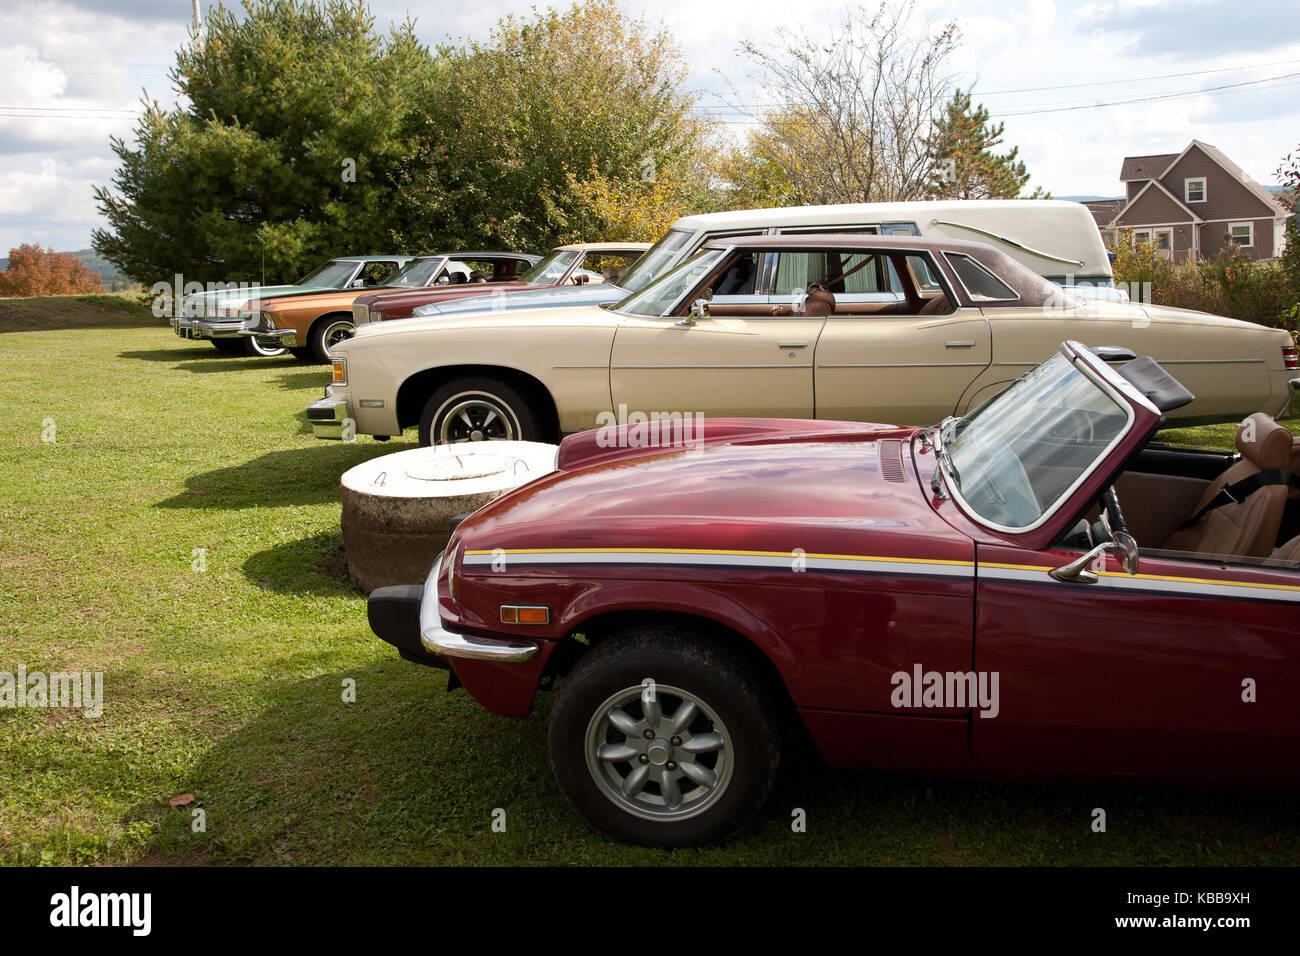 Line Classic Cars Car Show Stock Photos & Line Classic Cars Car Show ...